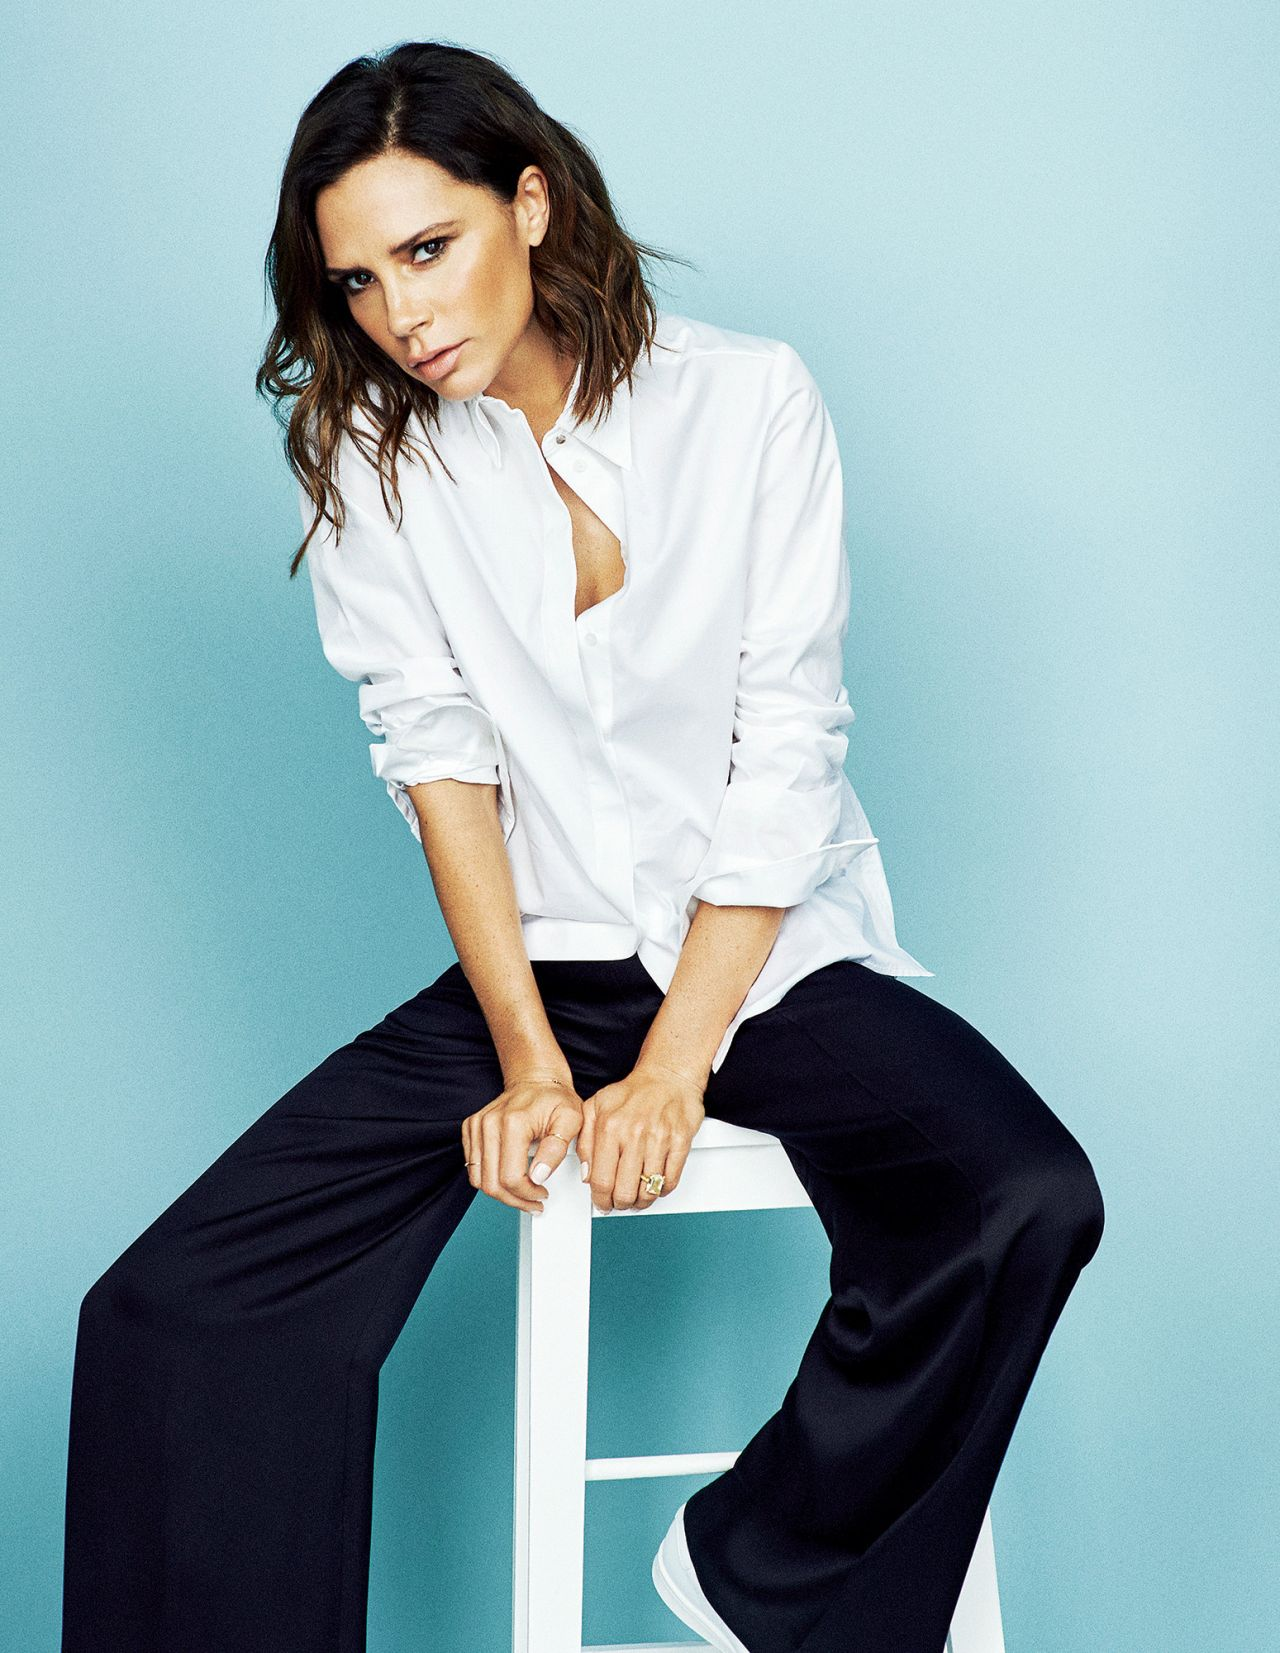 Victoria Beckham - Photoshoot 2016 Victoria Beckham